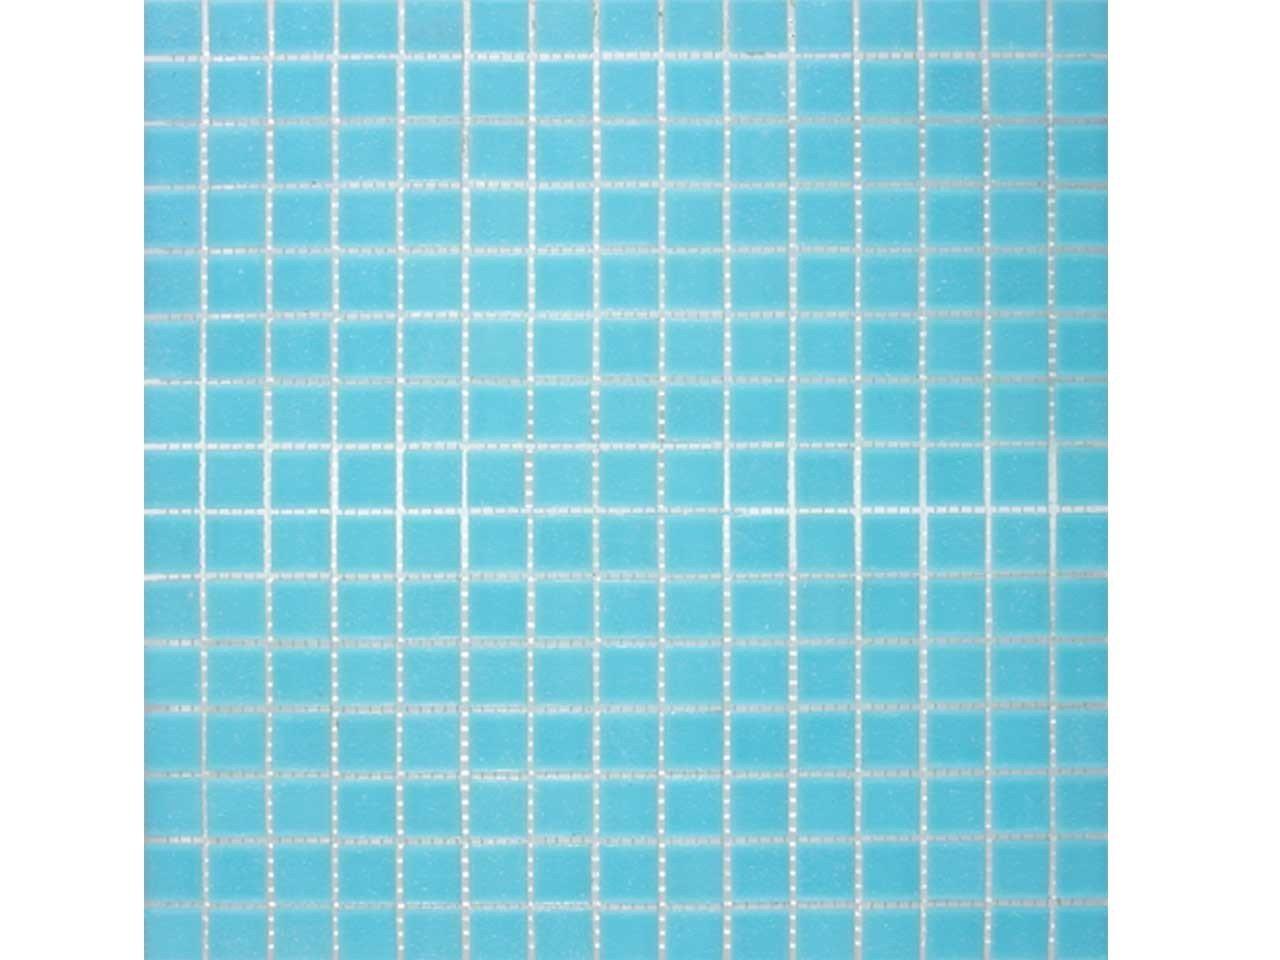 Mos vetro a03 azzurro iperceramica - Finto mosaico bagno ...